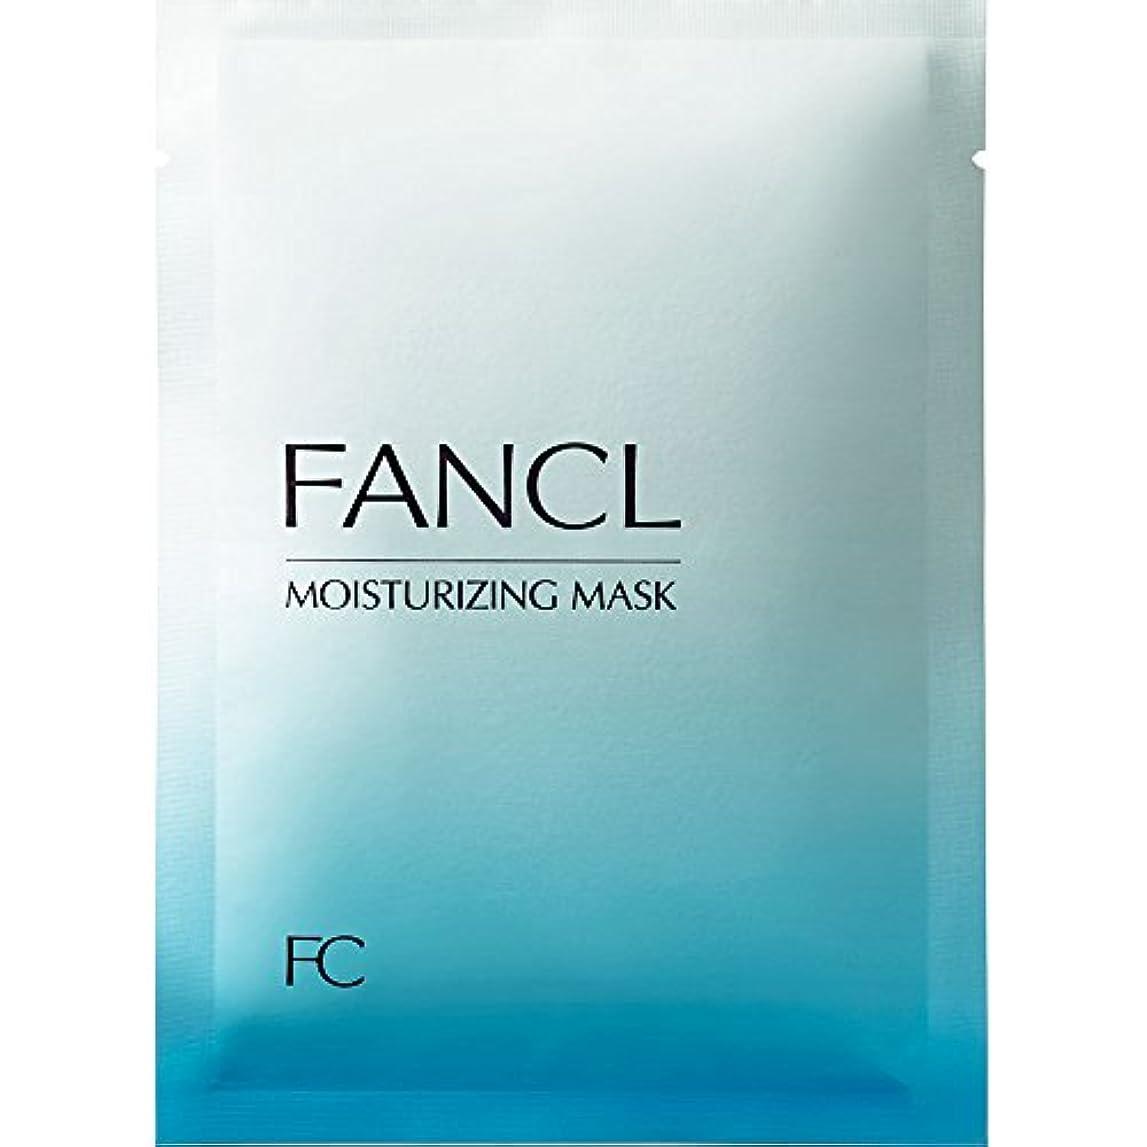 プロトタイプ反論挽くファンケル (FANCL) モイスチャライジング マスク 6枚セット (18mL×6)